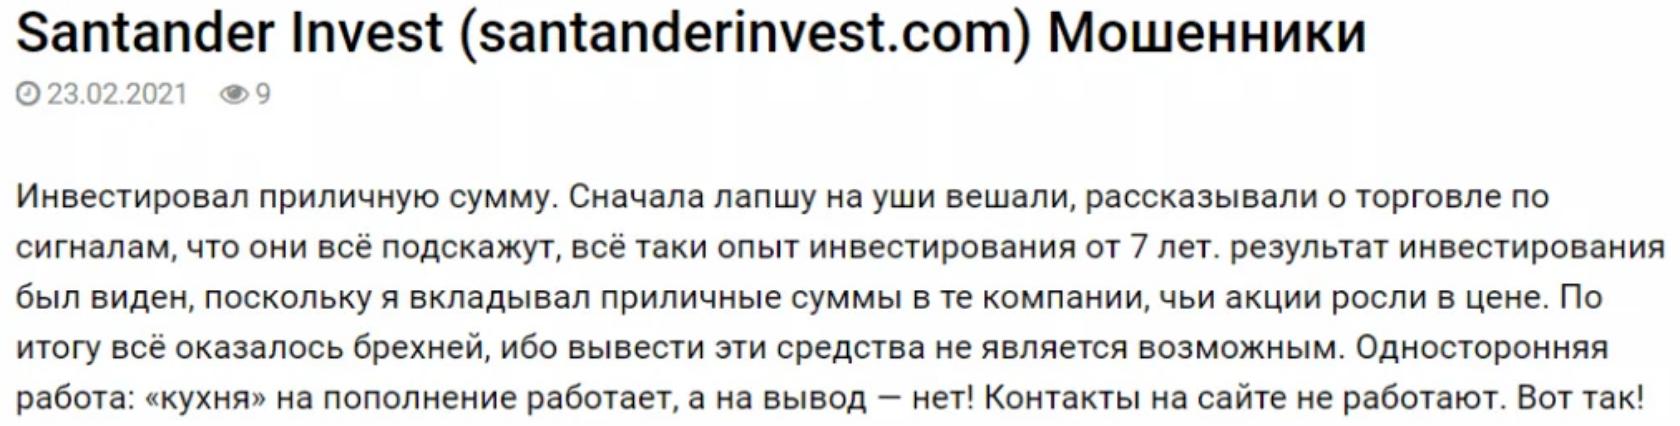 Лохотрону Santander Invest негативных отзывов посвящено уже немало